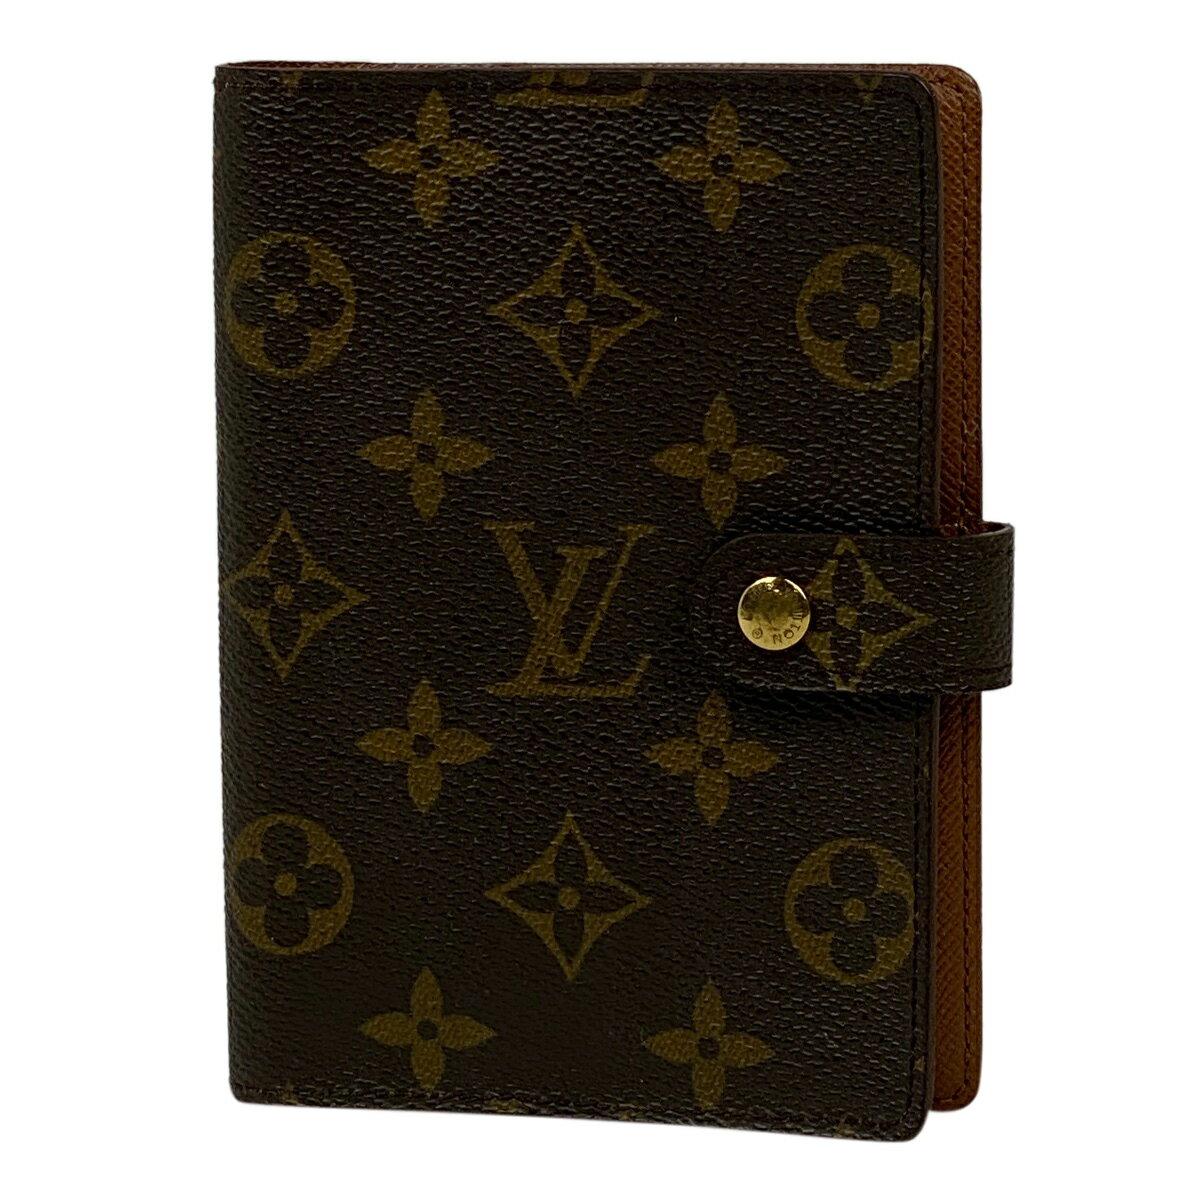 手帳・ノート, システム手帳  Louis Vuitton PM R20005